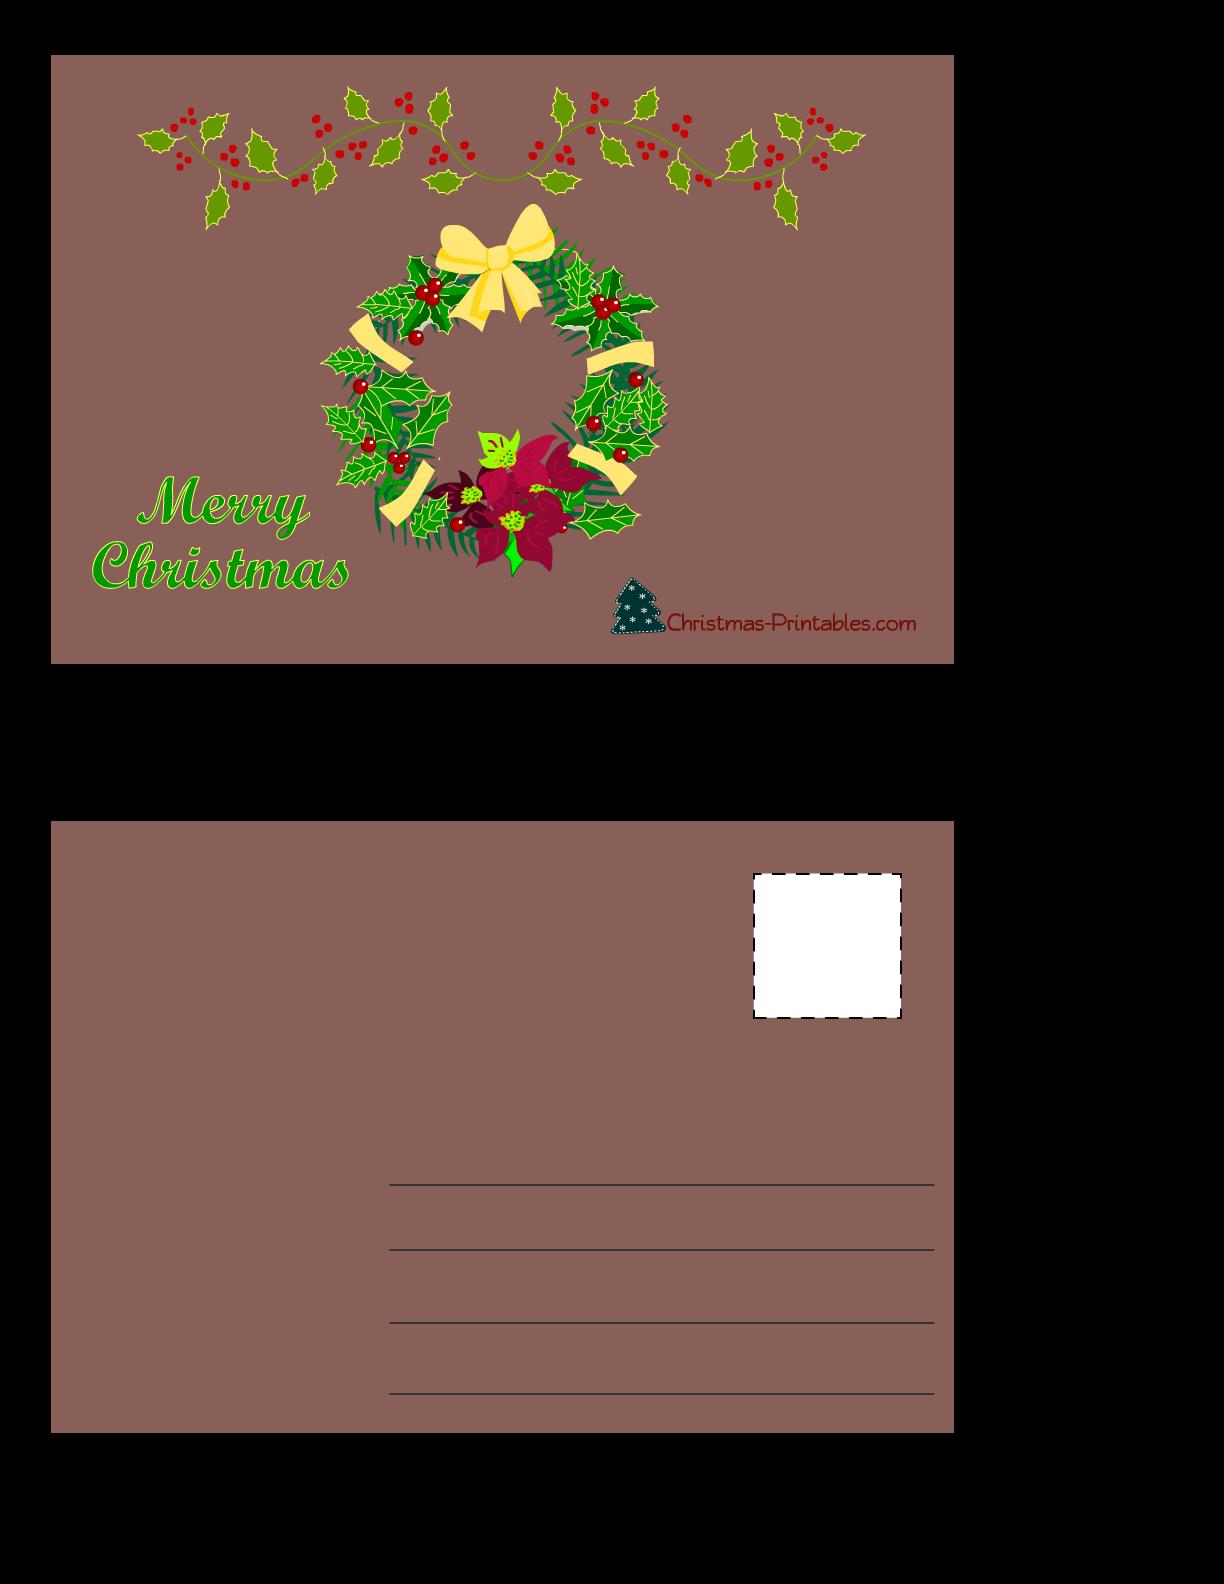 christmas-postcards-4.png (1224×1584)